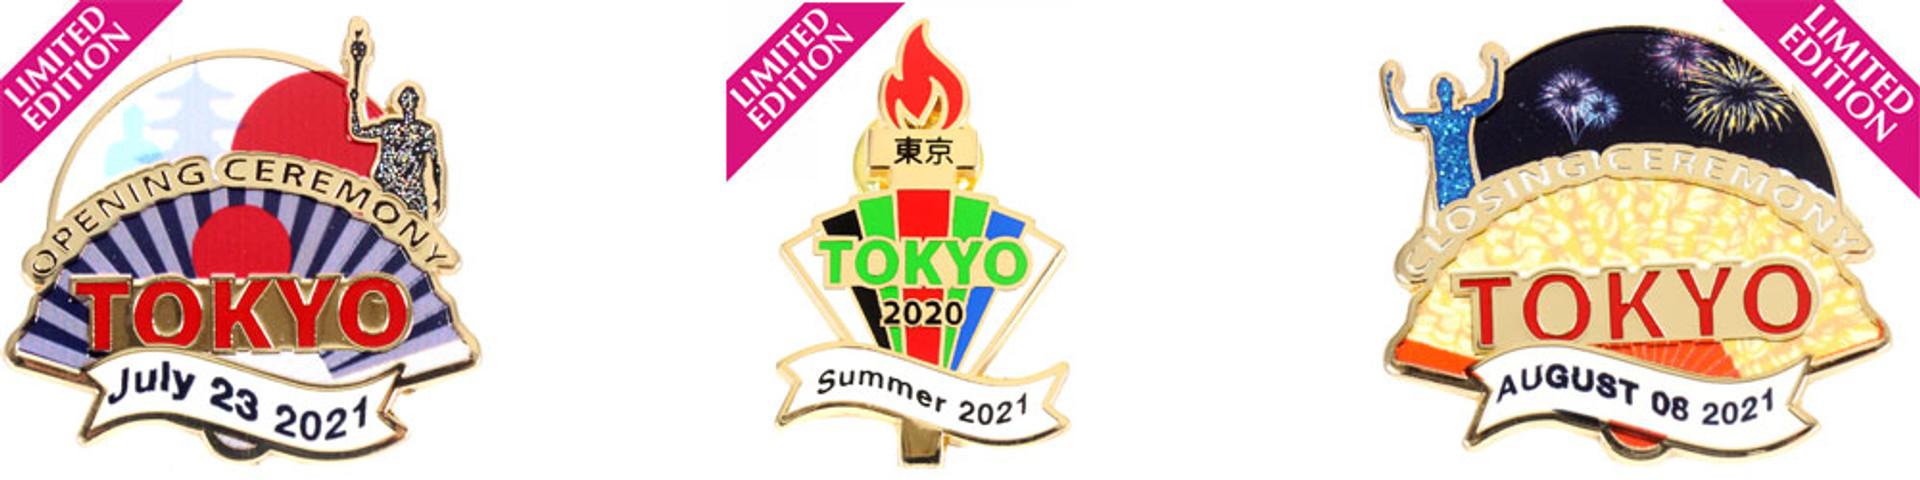 tokyo 2021 pins